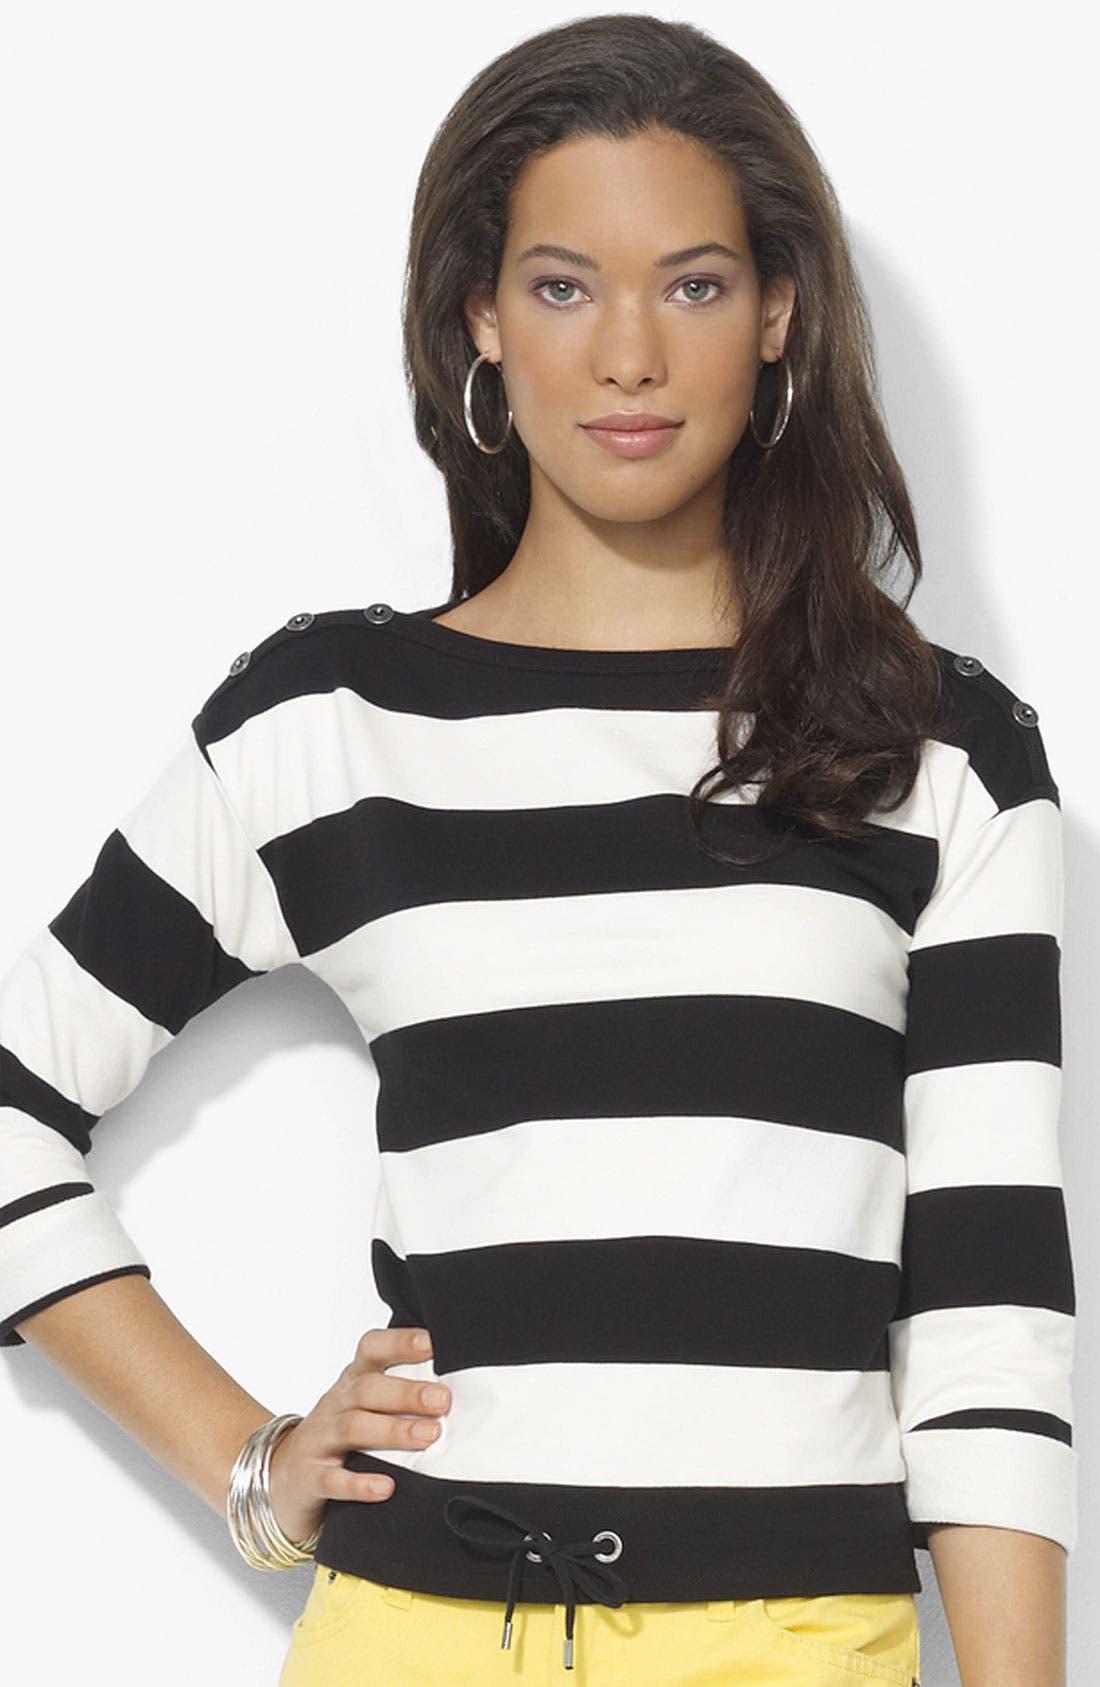 Alternate Image 1 Selected - Lauren Ralph Lauren Drawstring Hem Stripe Top (Petite) (Online Exclusive)